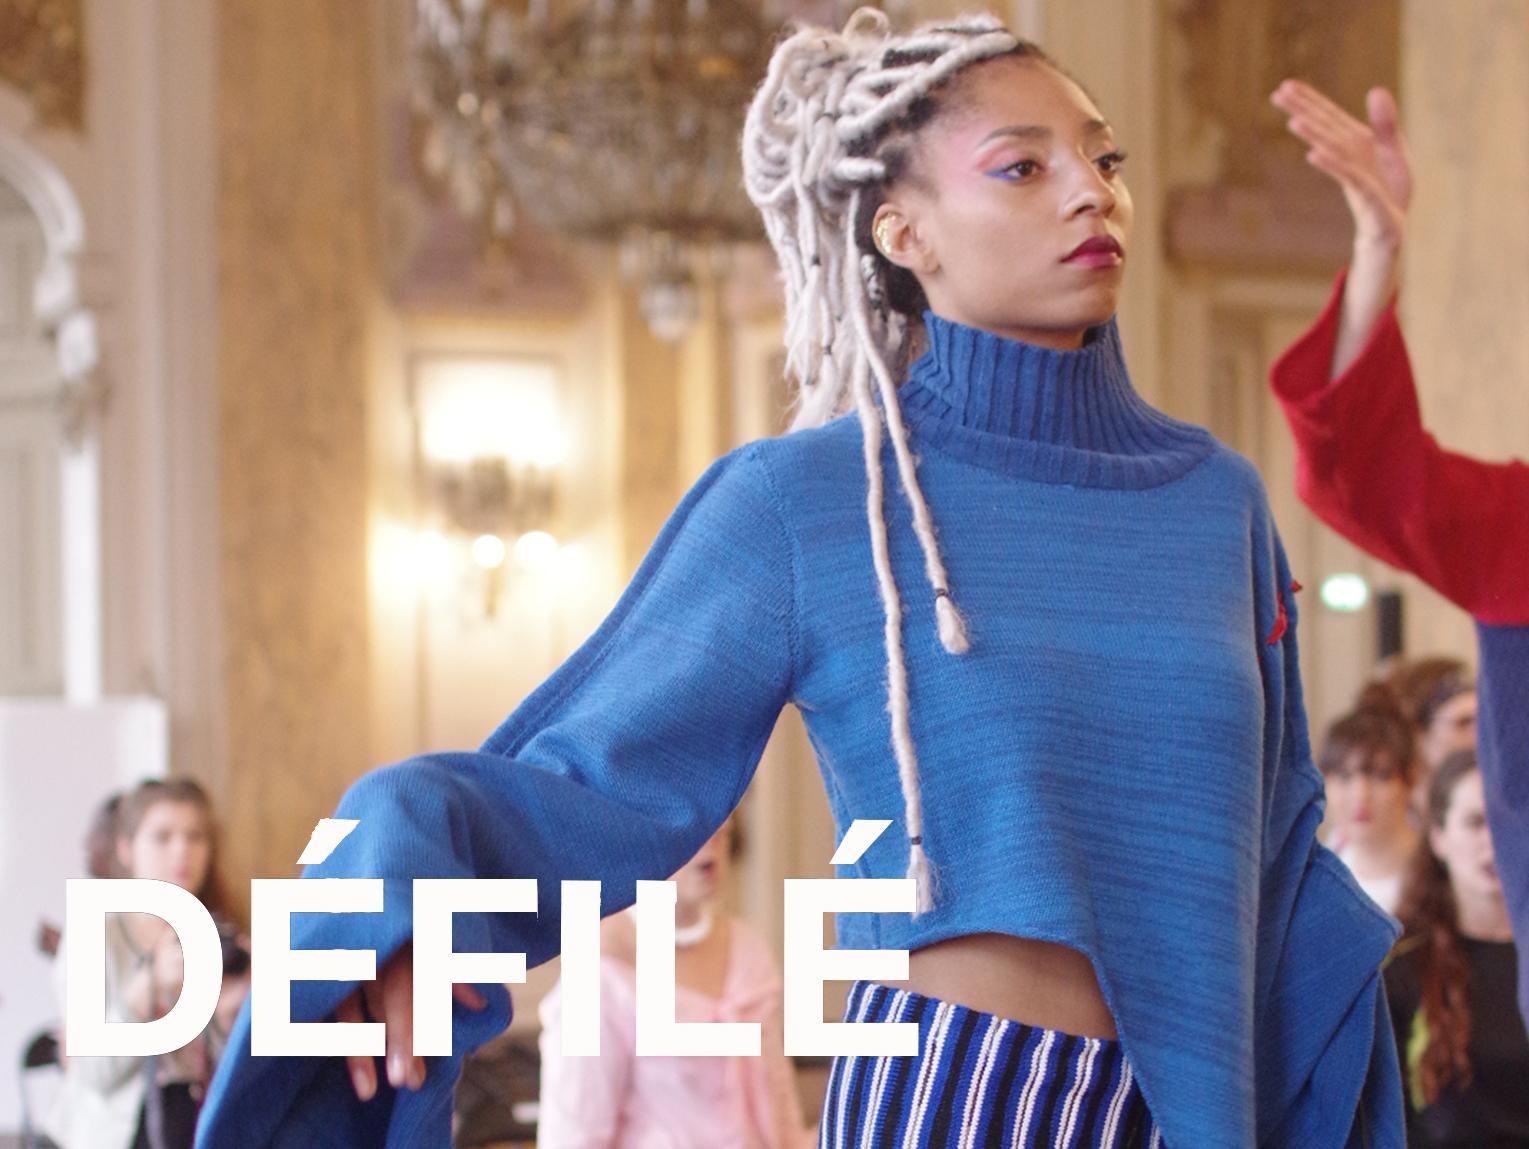 Défilé au Centre Barbara, défilé, mode, fashion, maille, maille parade, show, tricot, école de la maille de Paris